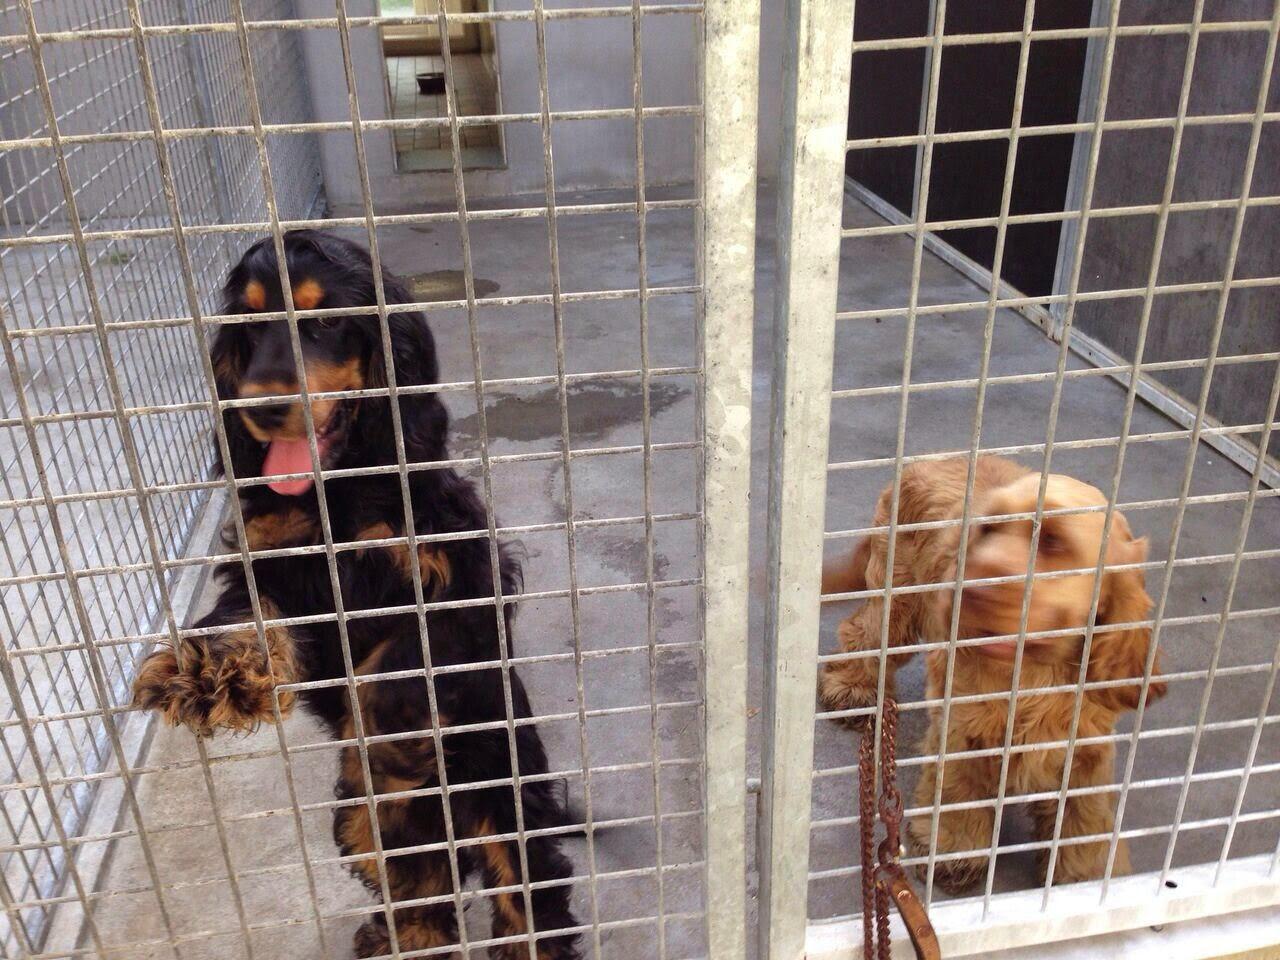 Hunde%2BIMG 20140927 WA0001